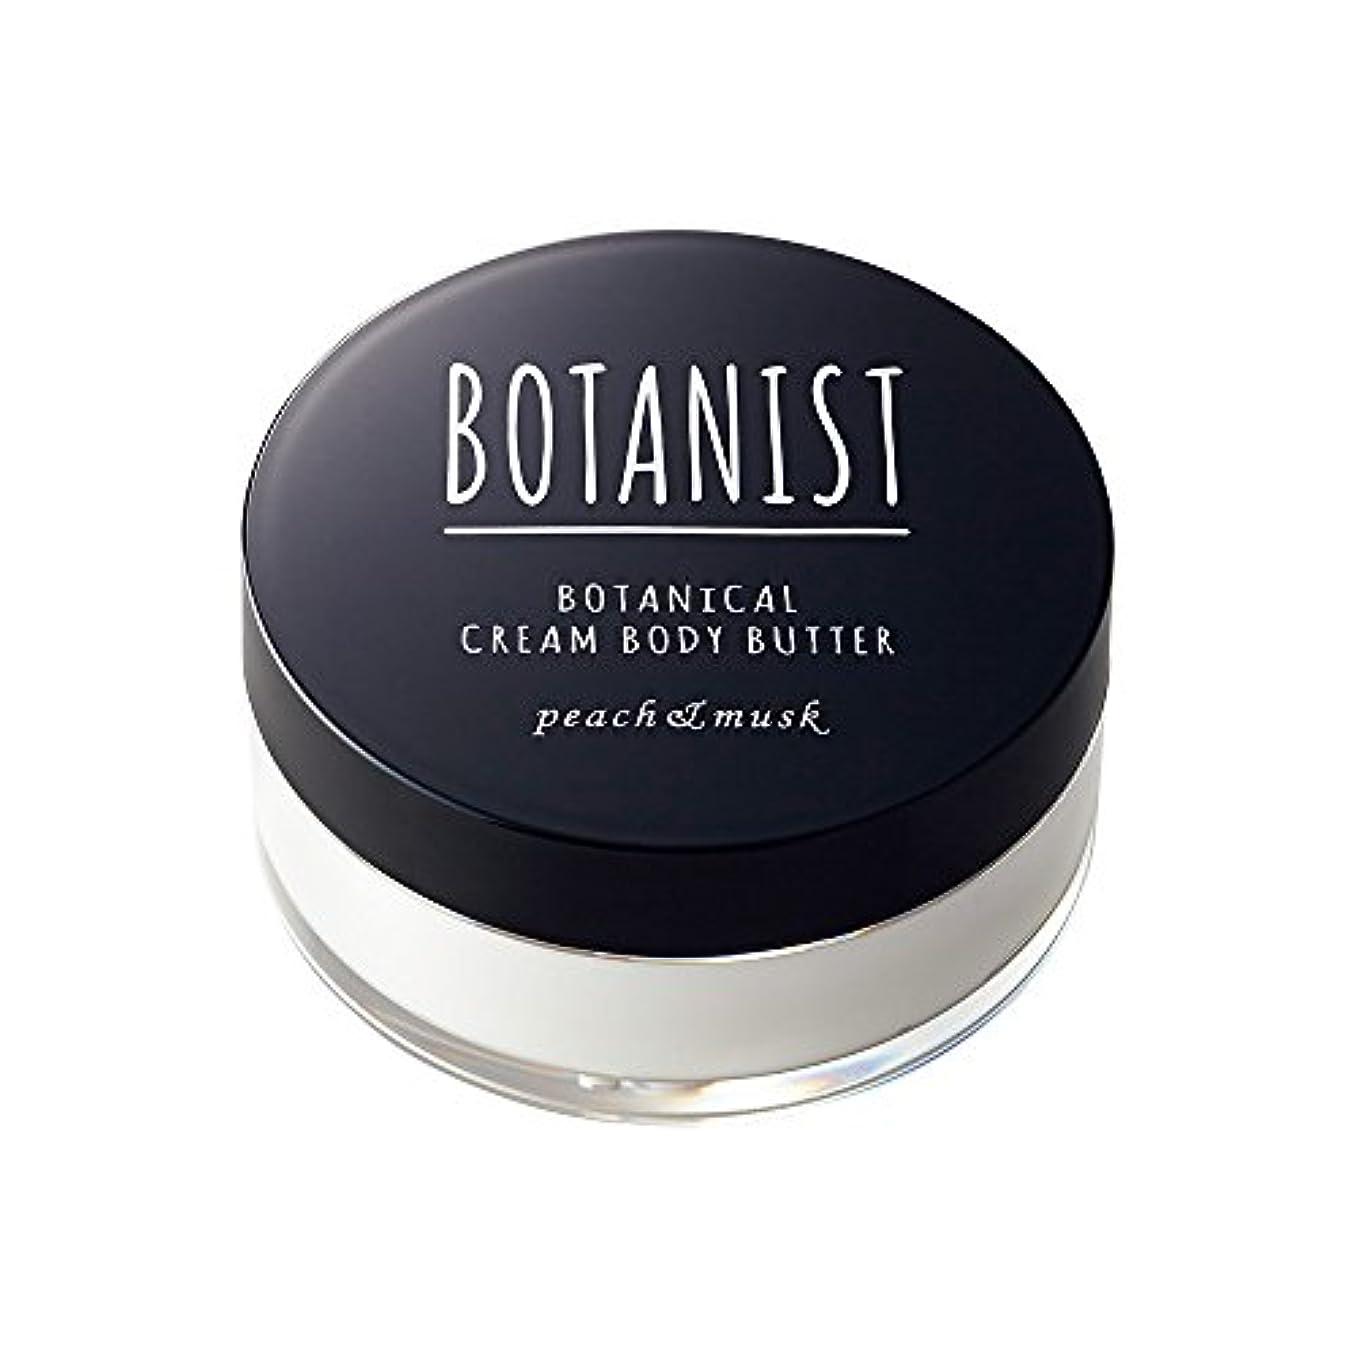 引数石折り目BOTANIST ボタニスト ボタニカル クリームボディーバター 100g ピーチ&ムスク